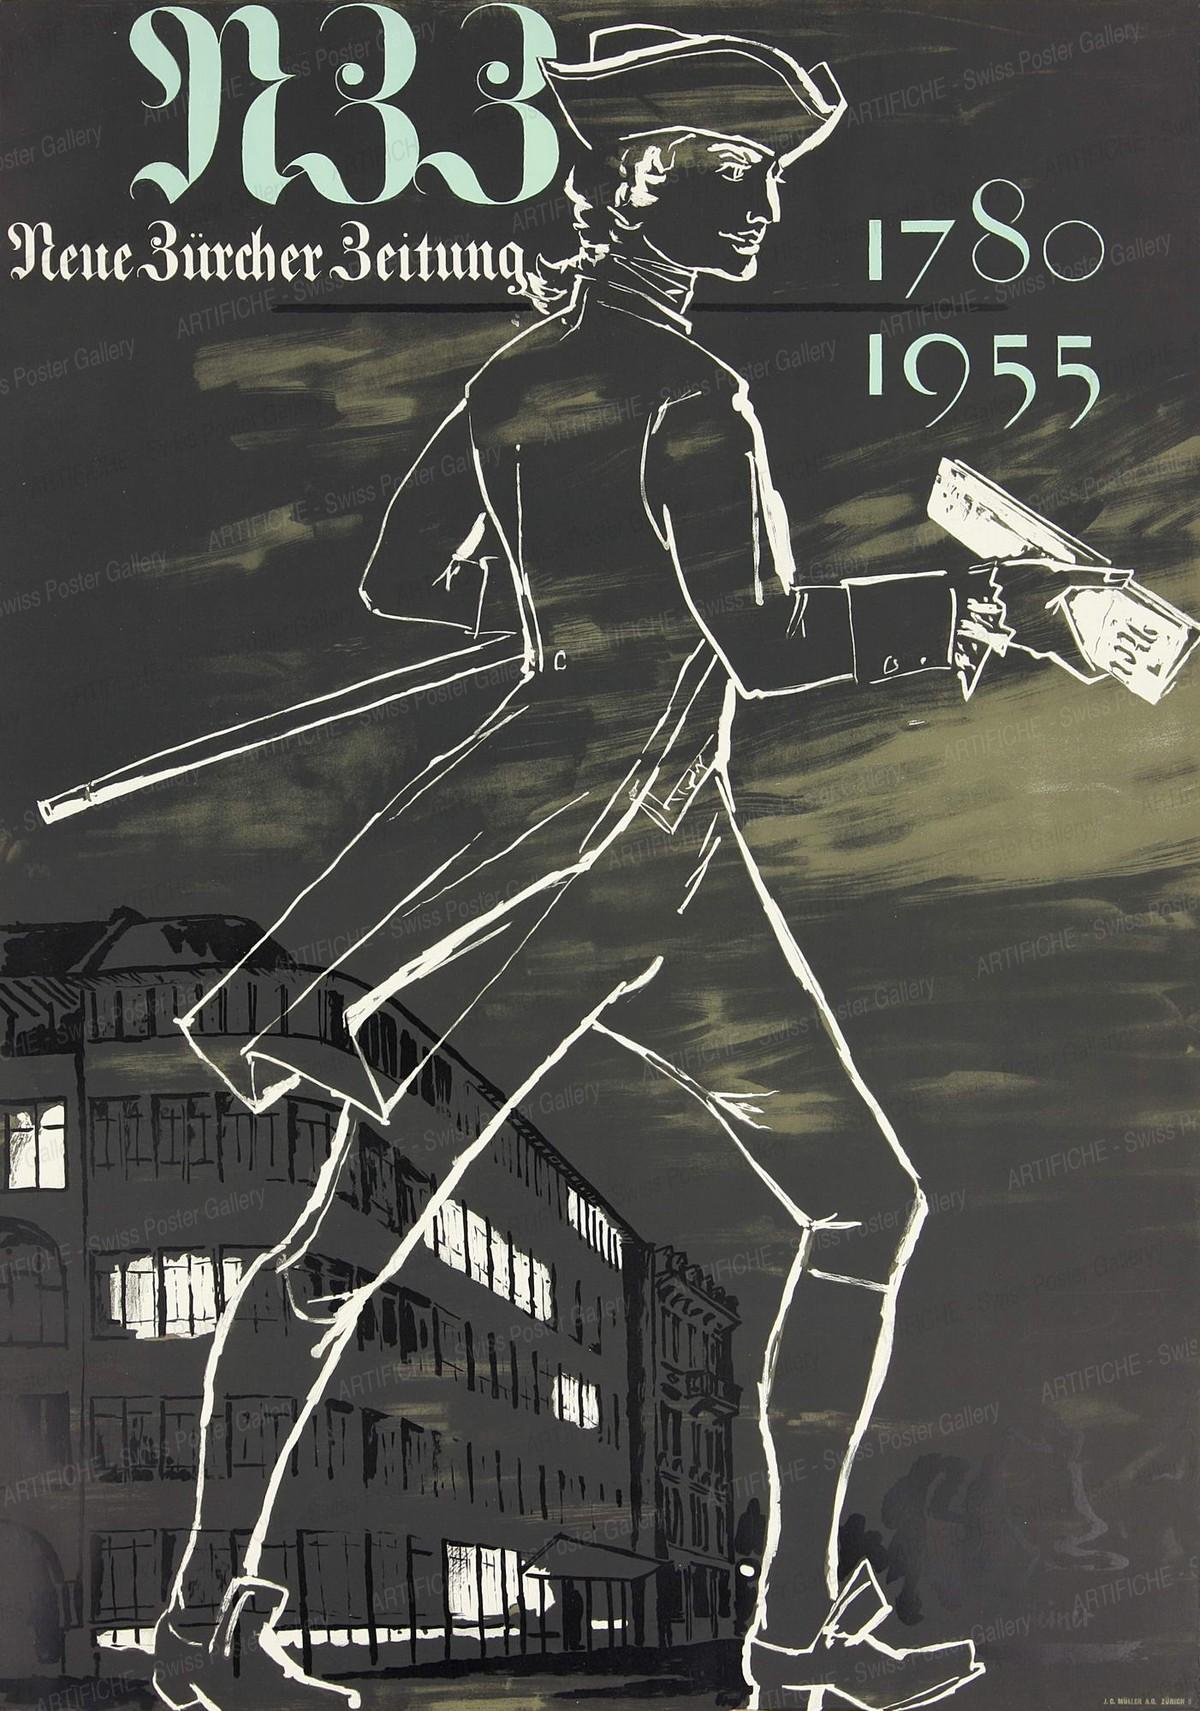 Neue Zürcher Zeitung 1780 – 1955, Heinrich Steiner